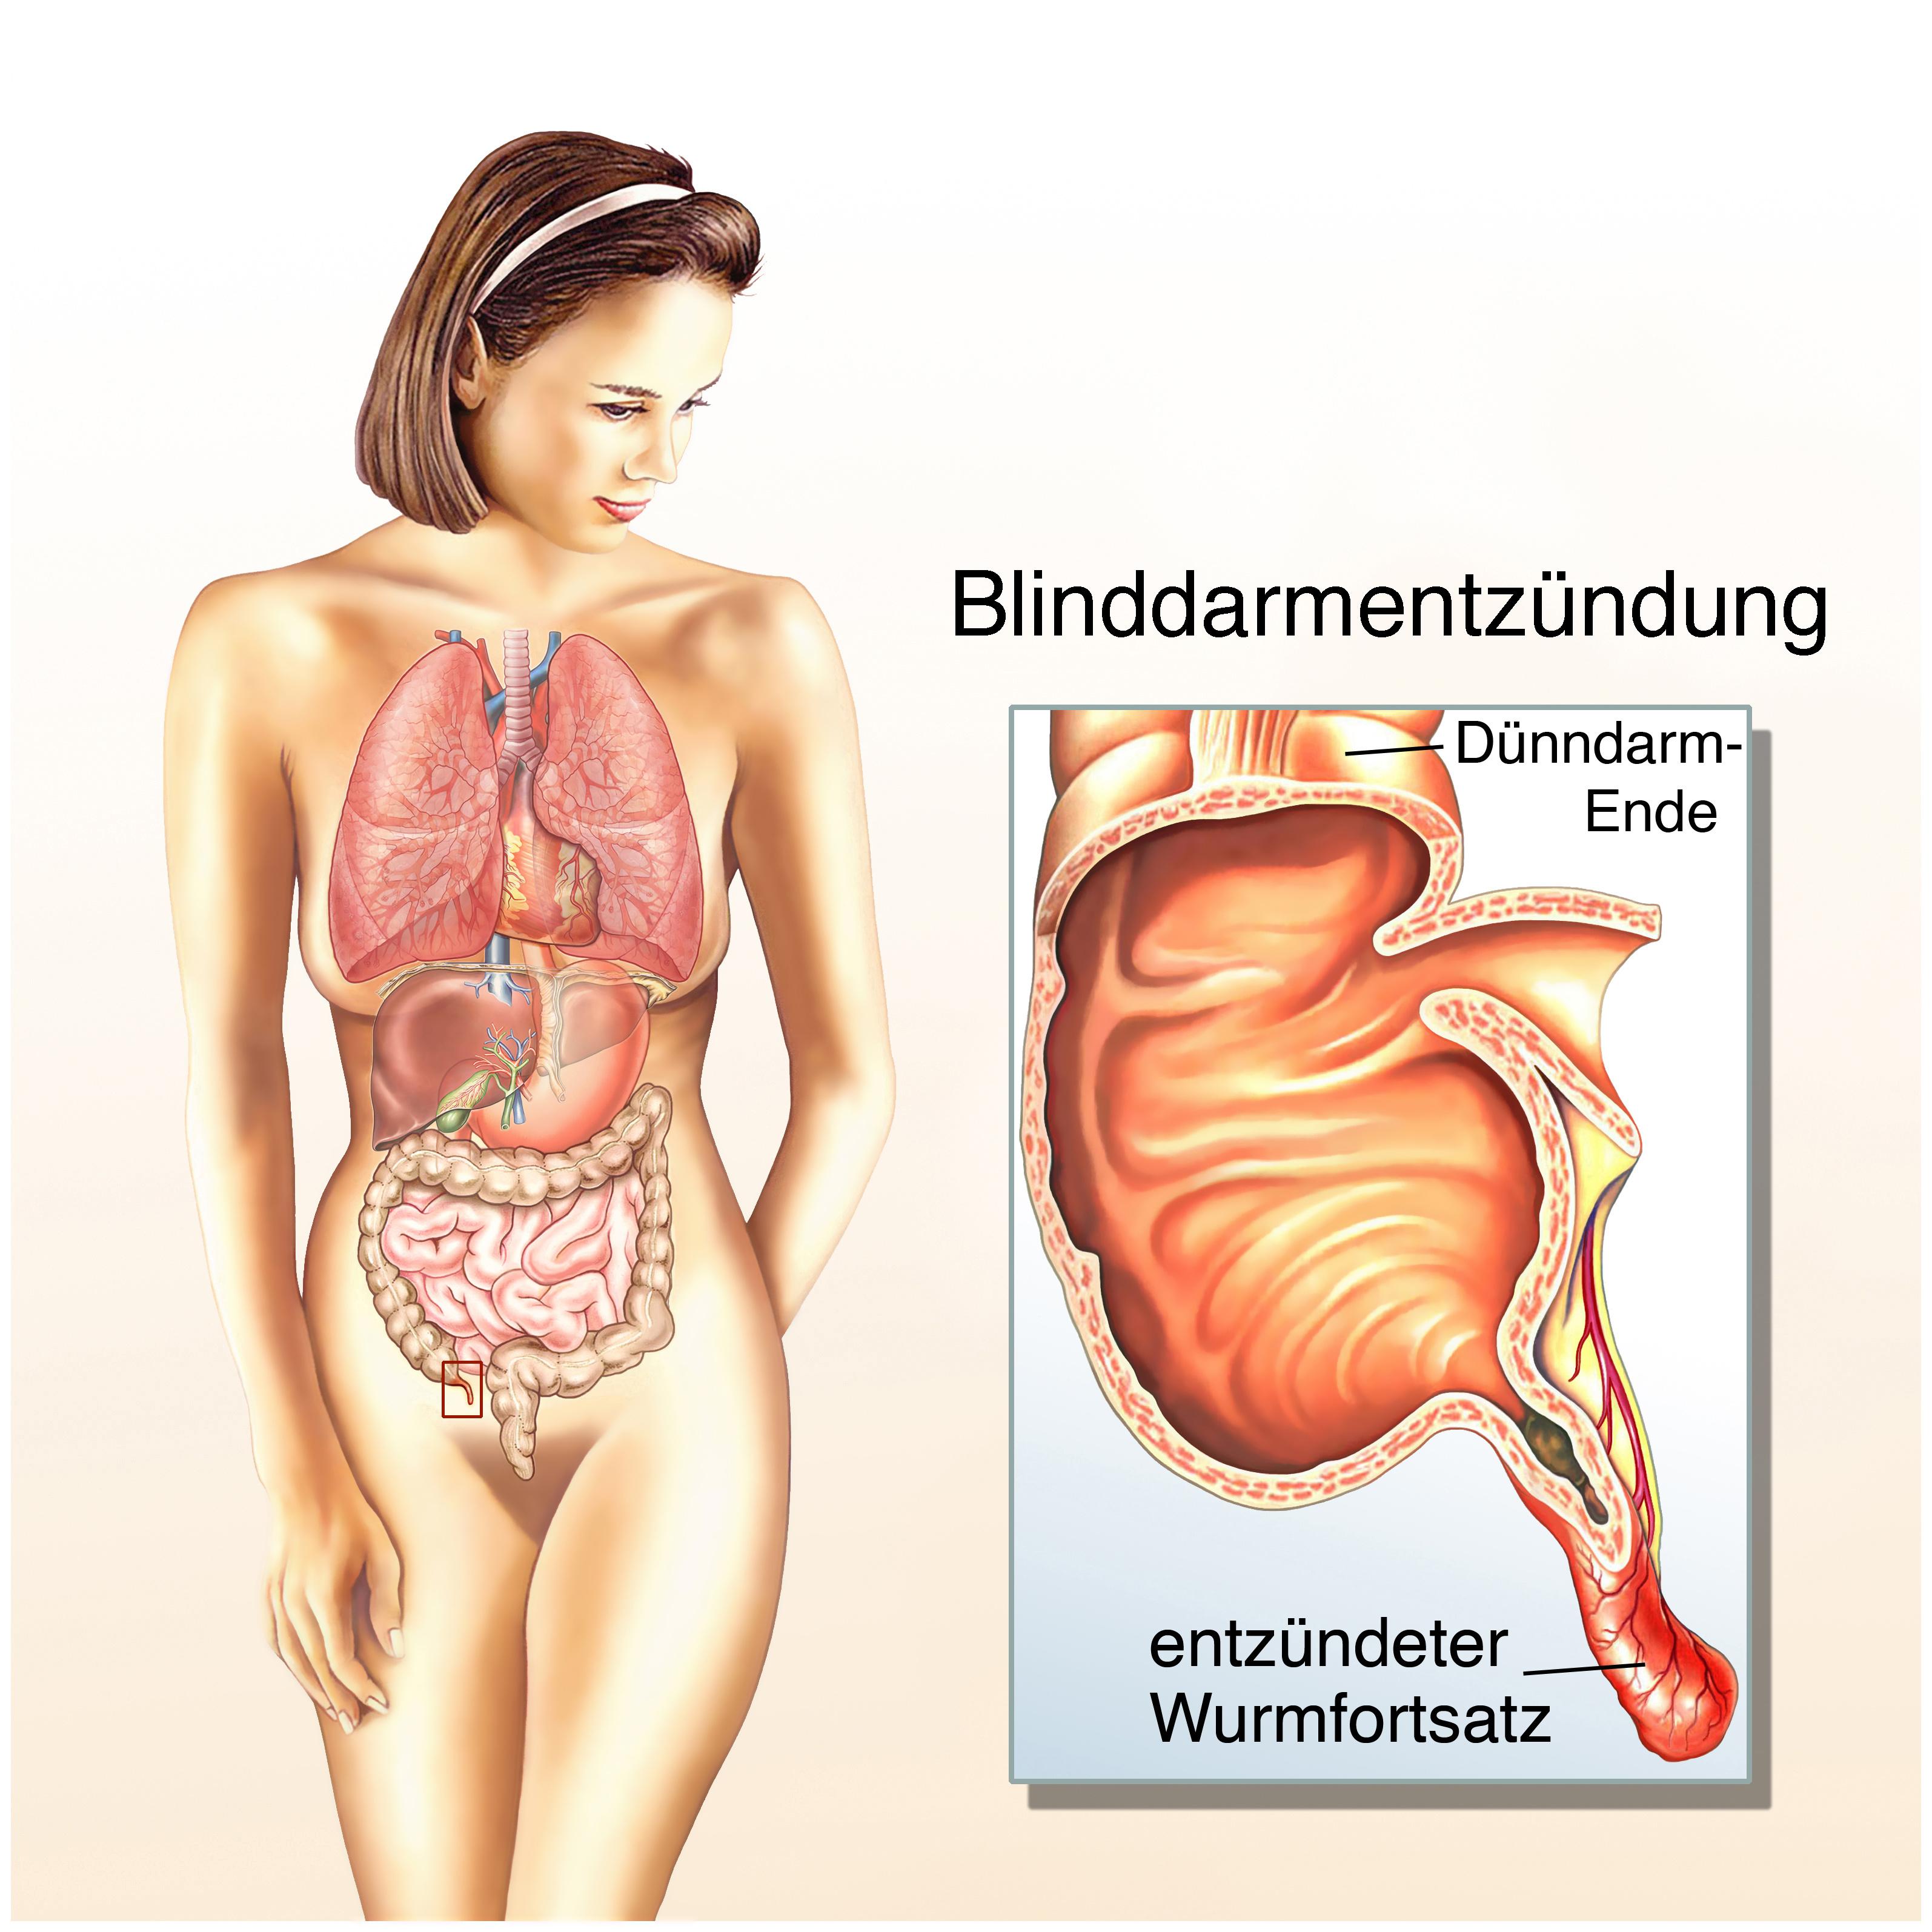 Blinddarmentzündung (Appendizitis) --> Symptome & Behandlungen